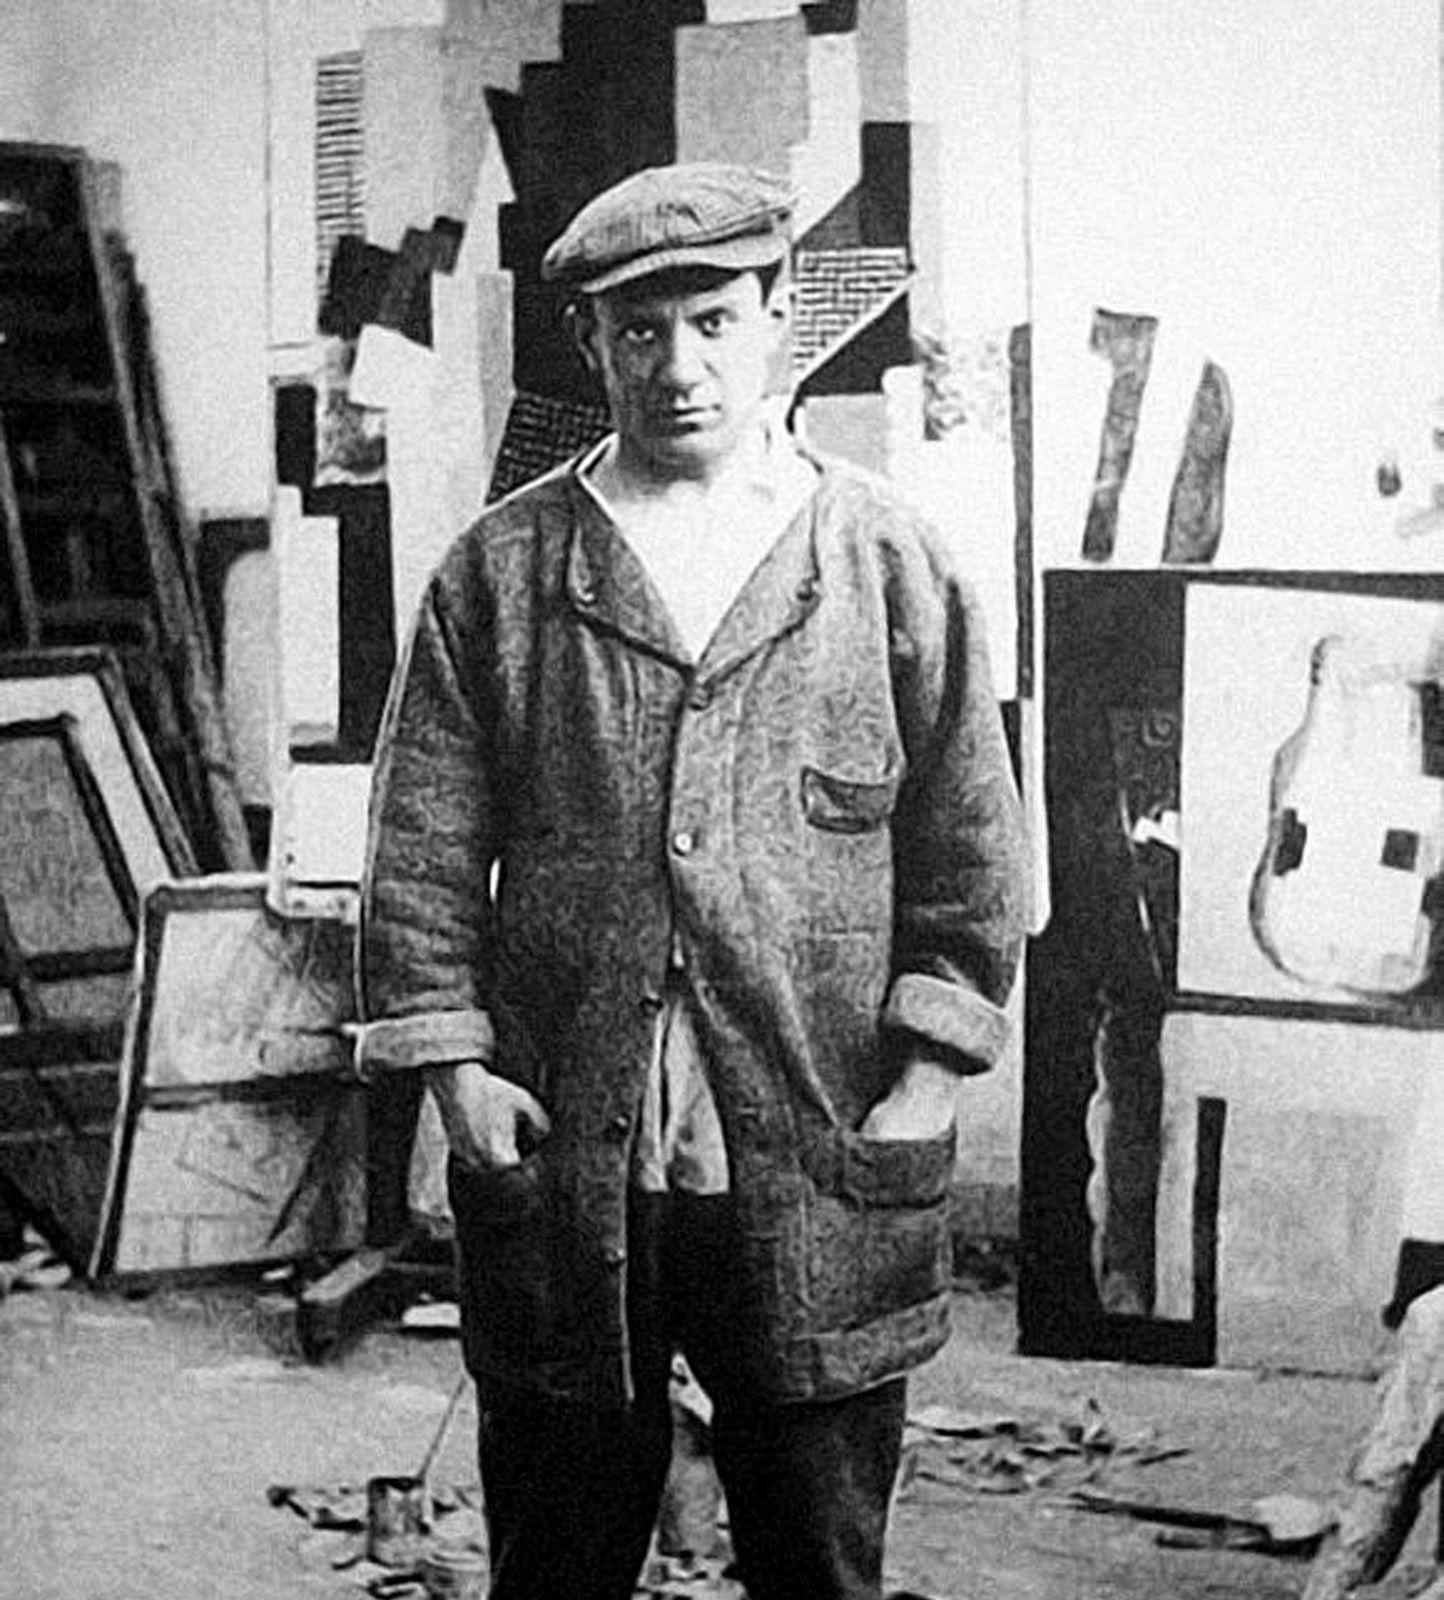 Pablo Picasso. Photograph 1916. Image Source. Pablo